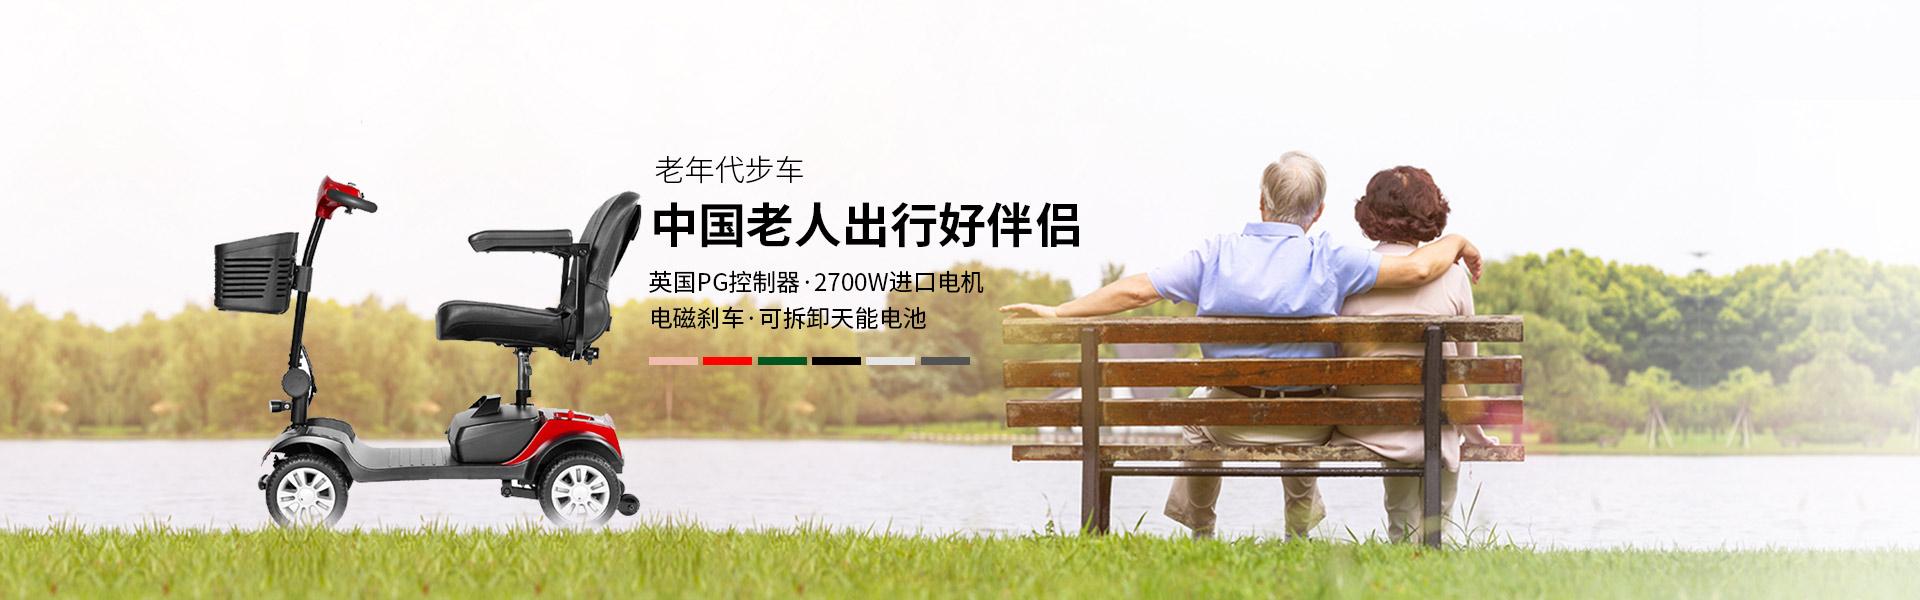 重庆老人电动代步车